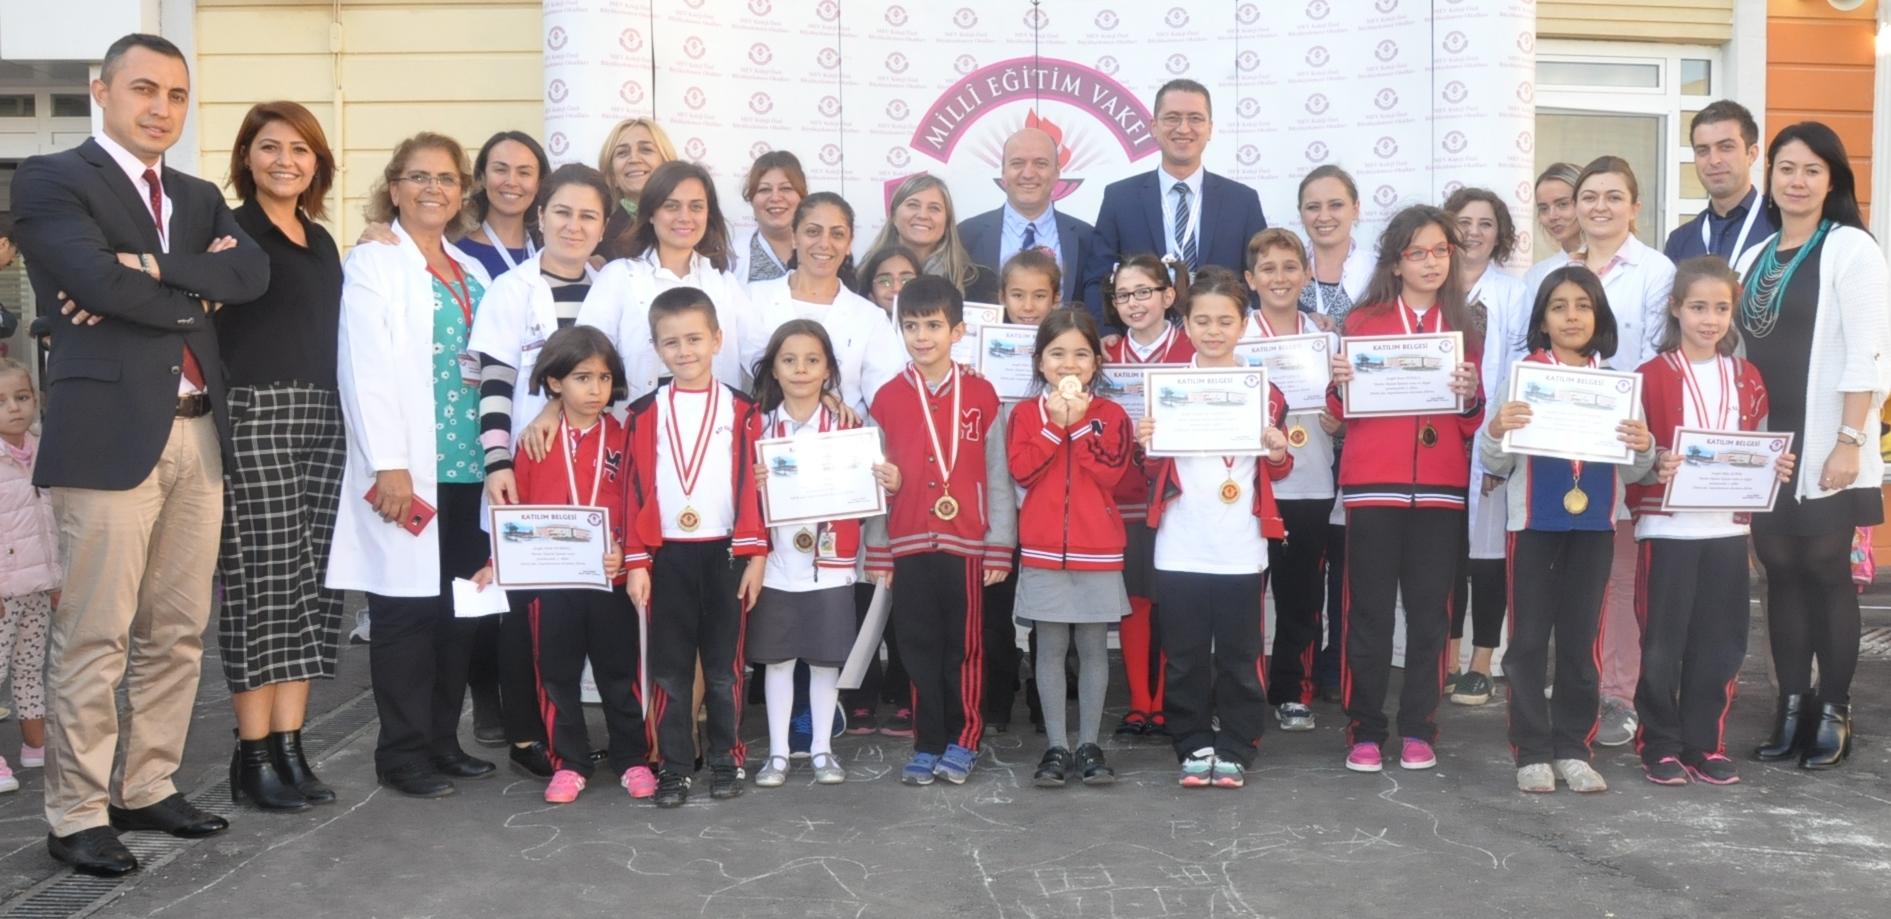 """""""Benim Okulum"""" Konulu Resim-Slogan Yarışmasında Dereceye Giren Öğrencilerimize Ödülleri Takdim Edildi"""